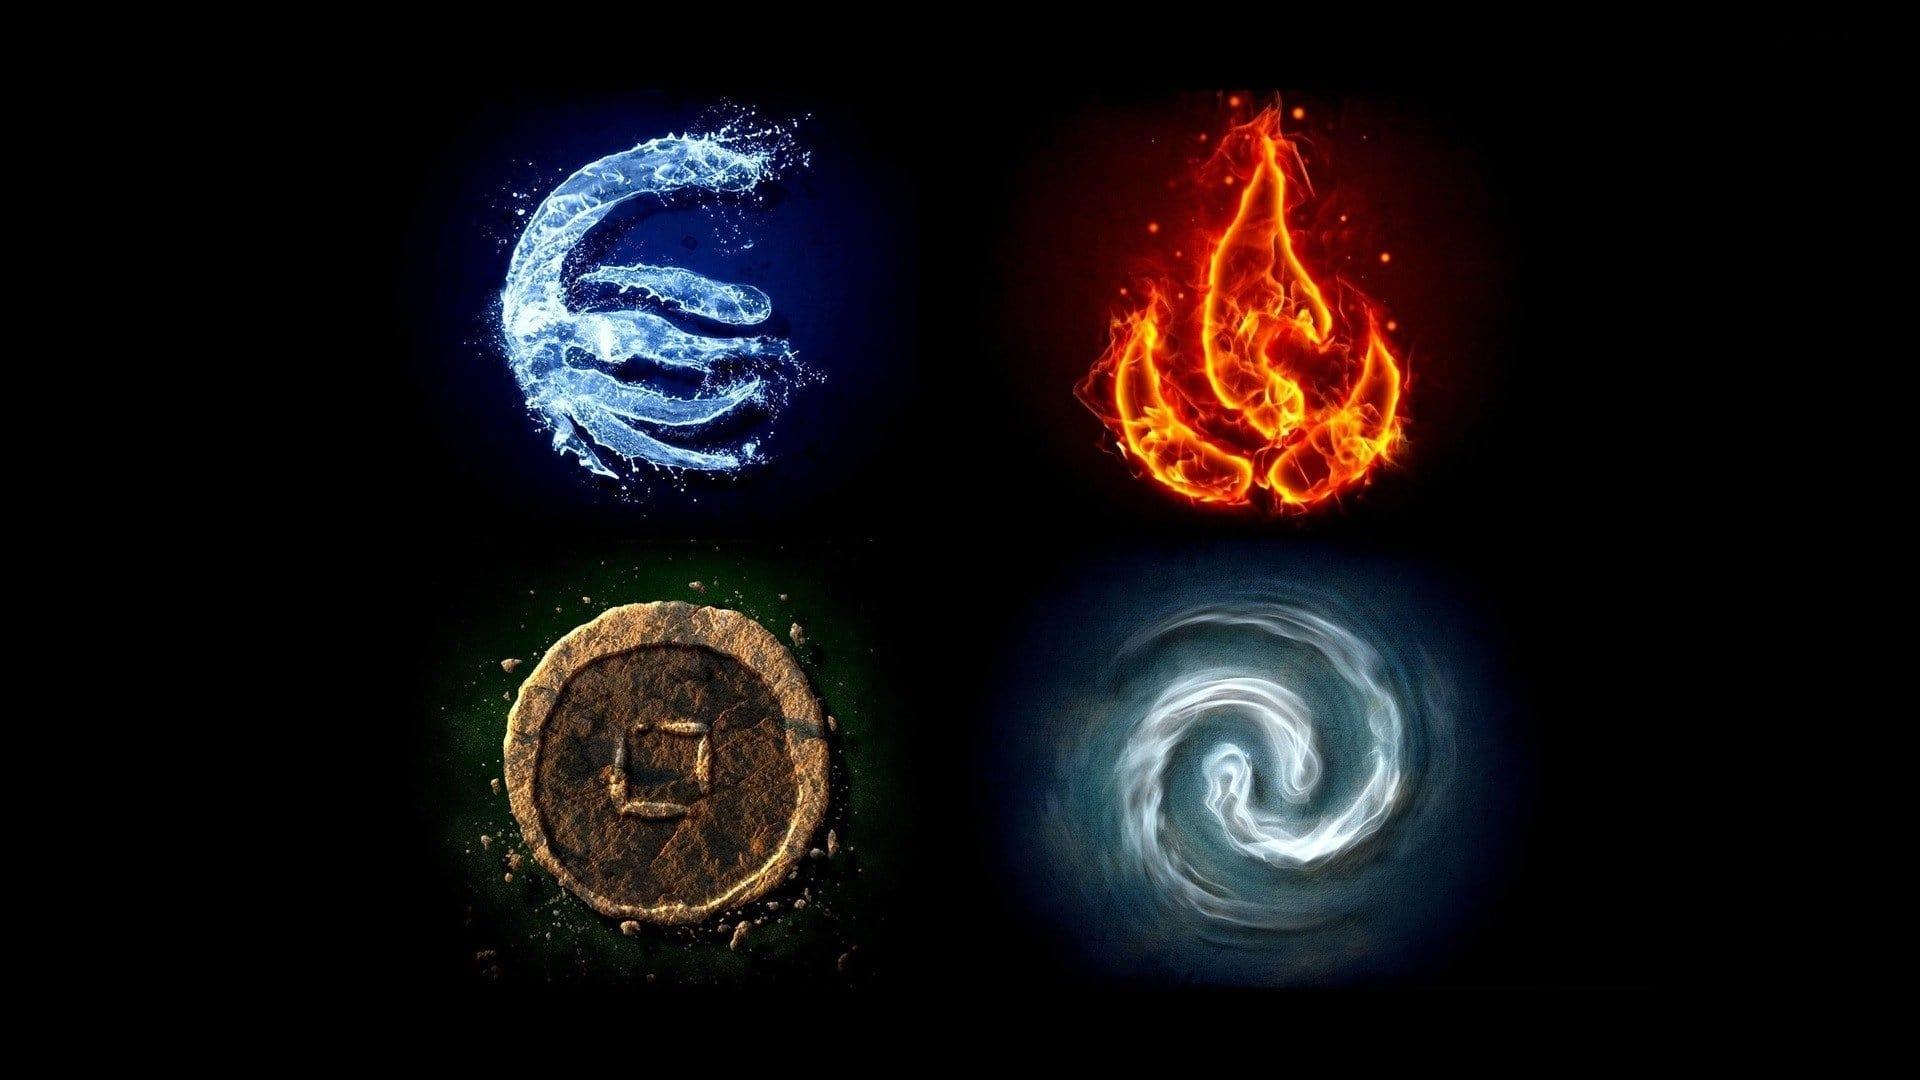 Maak kans op de complete serie van Avatar: The Last Airbender